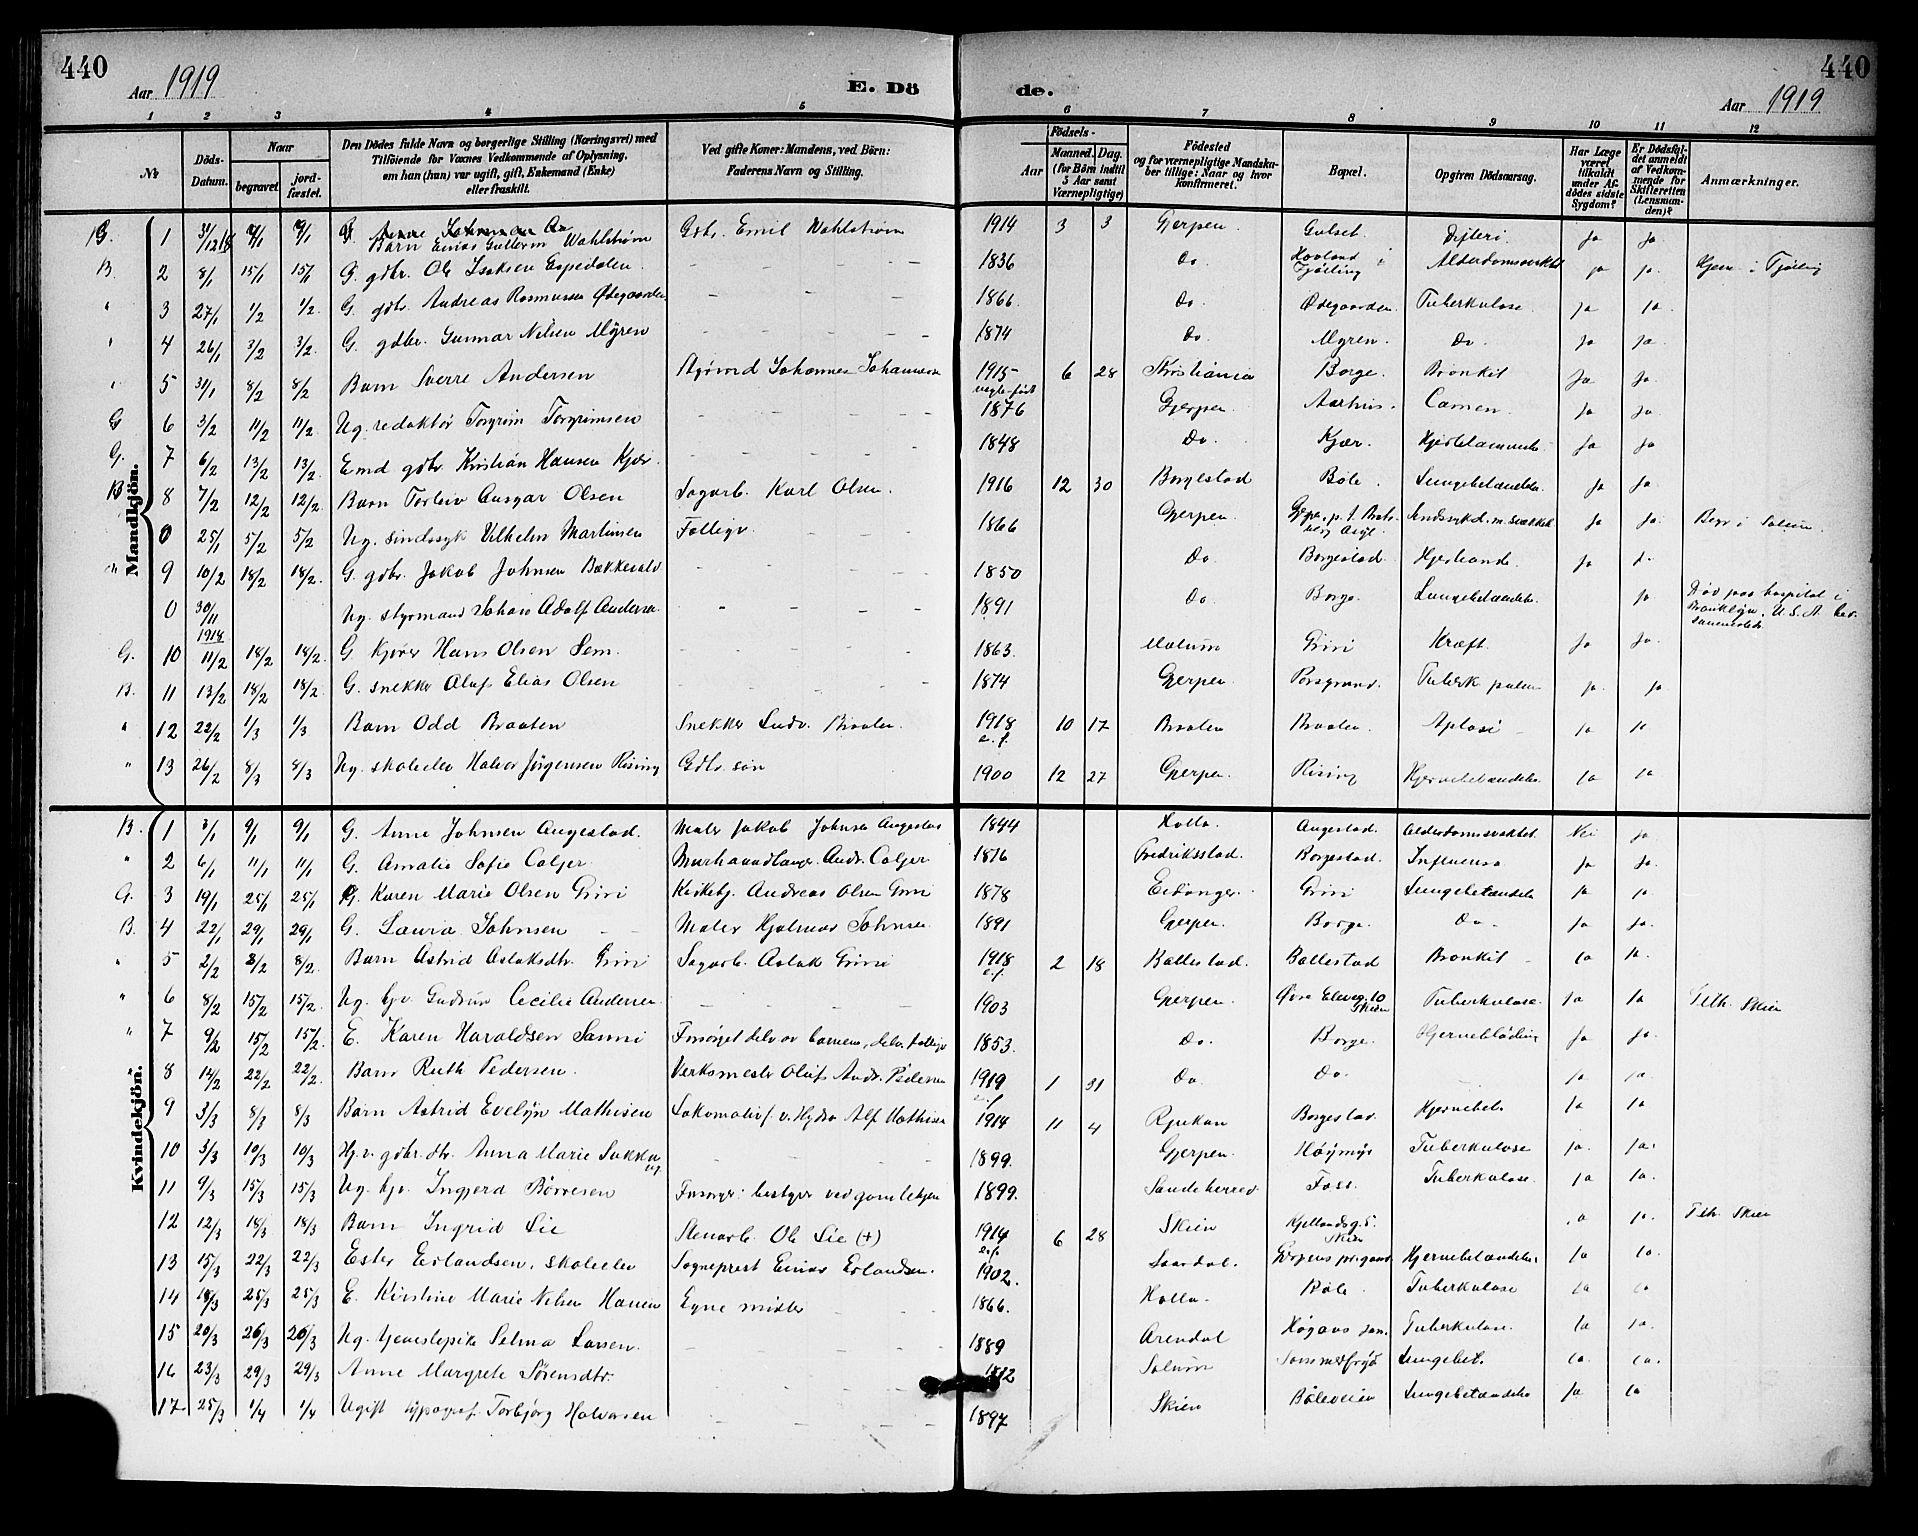 SAKO, Gjerpen kirkebøker, G/Ga/L0003: Klokkerbok nr. I 3, 1901-1919, s. 440